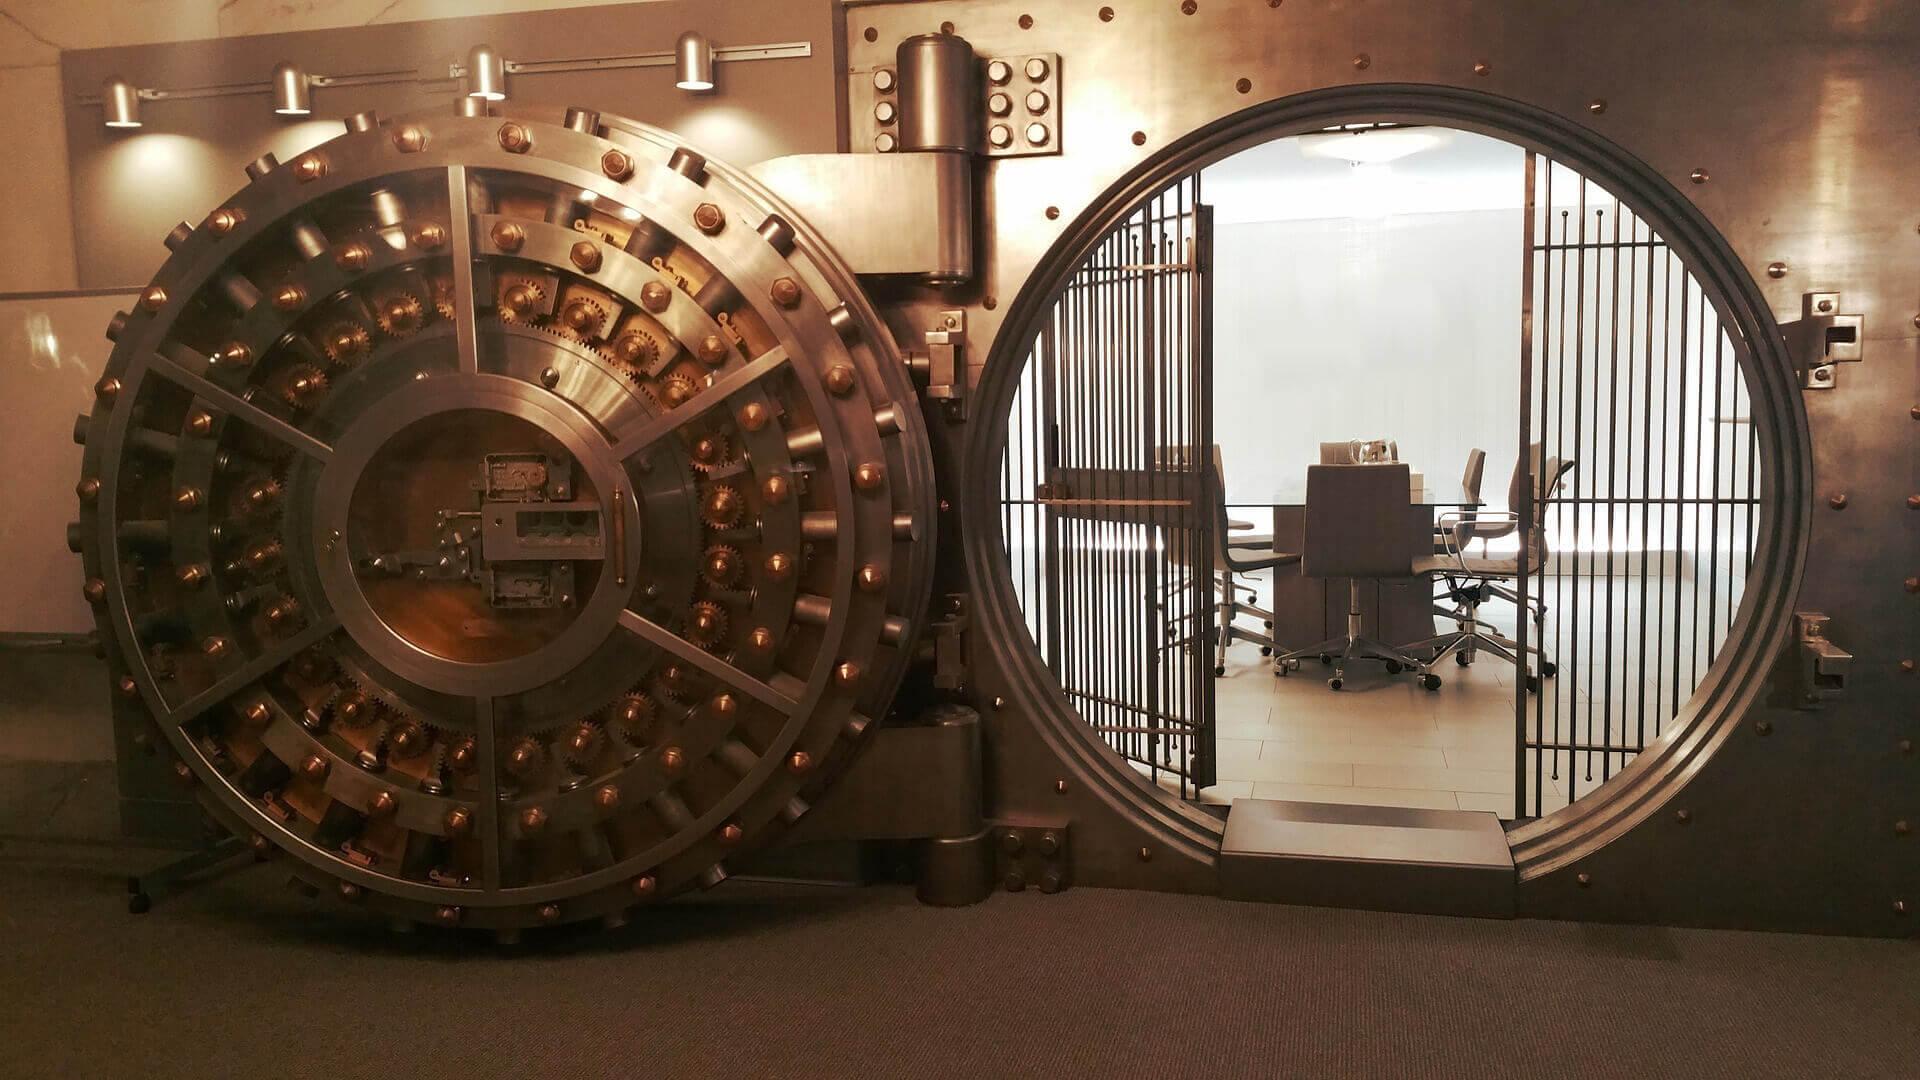 Bescherm uw data met ISO 27001. Mproof kan u ondersteunen.